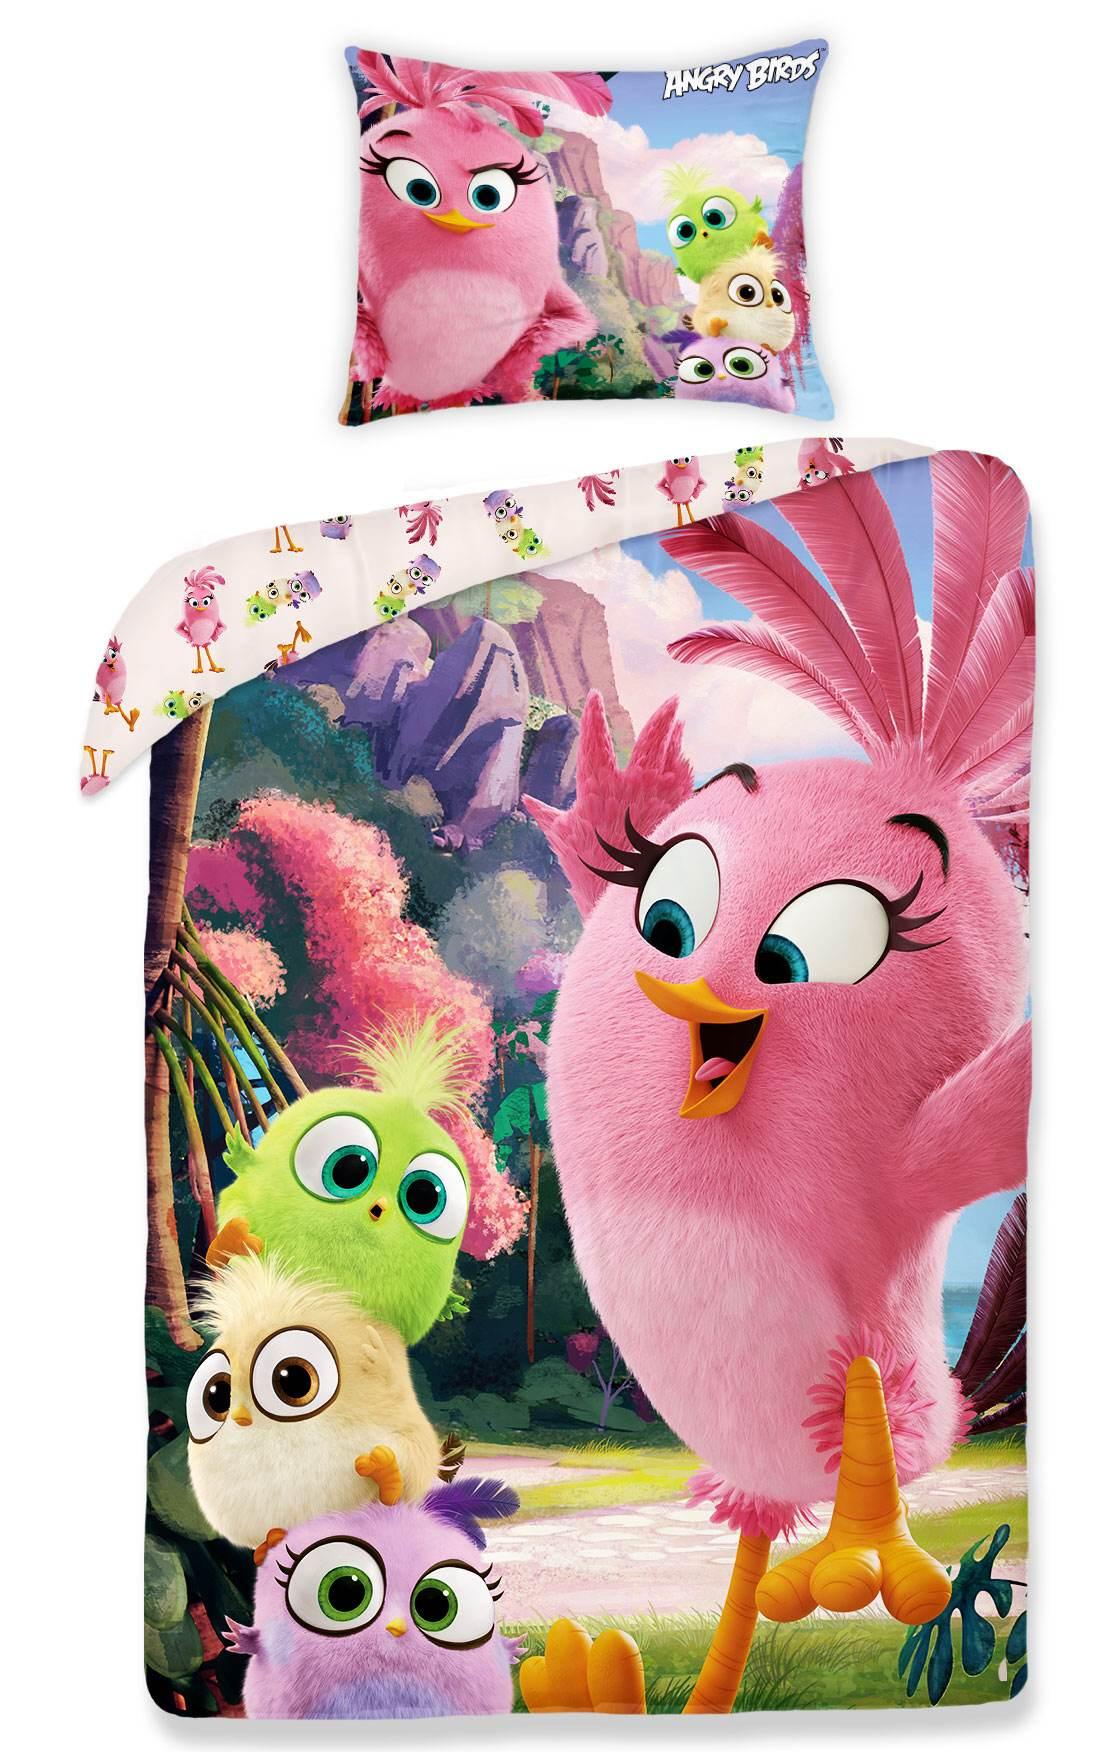 Dětské bavlněné povlečení Angry birds 1155